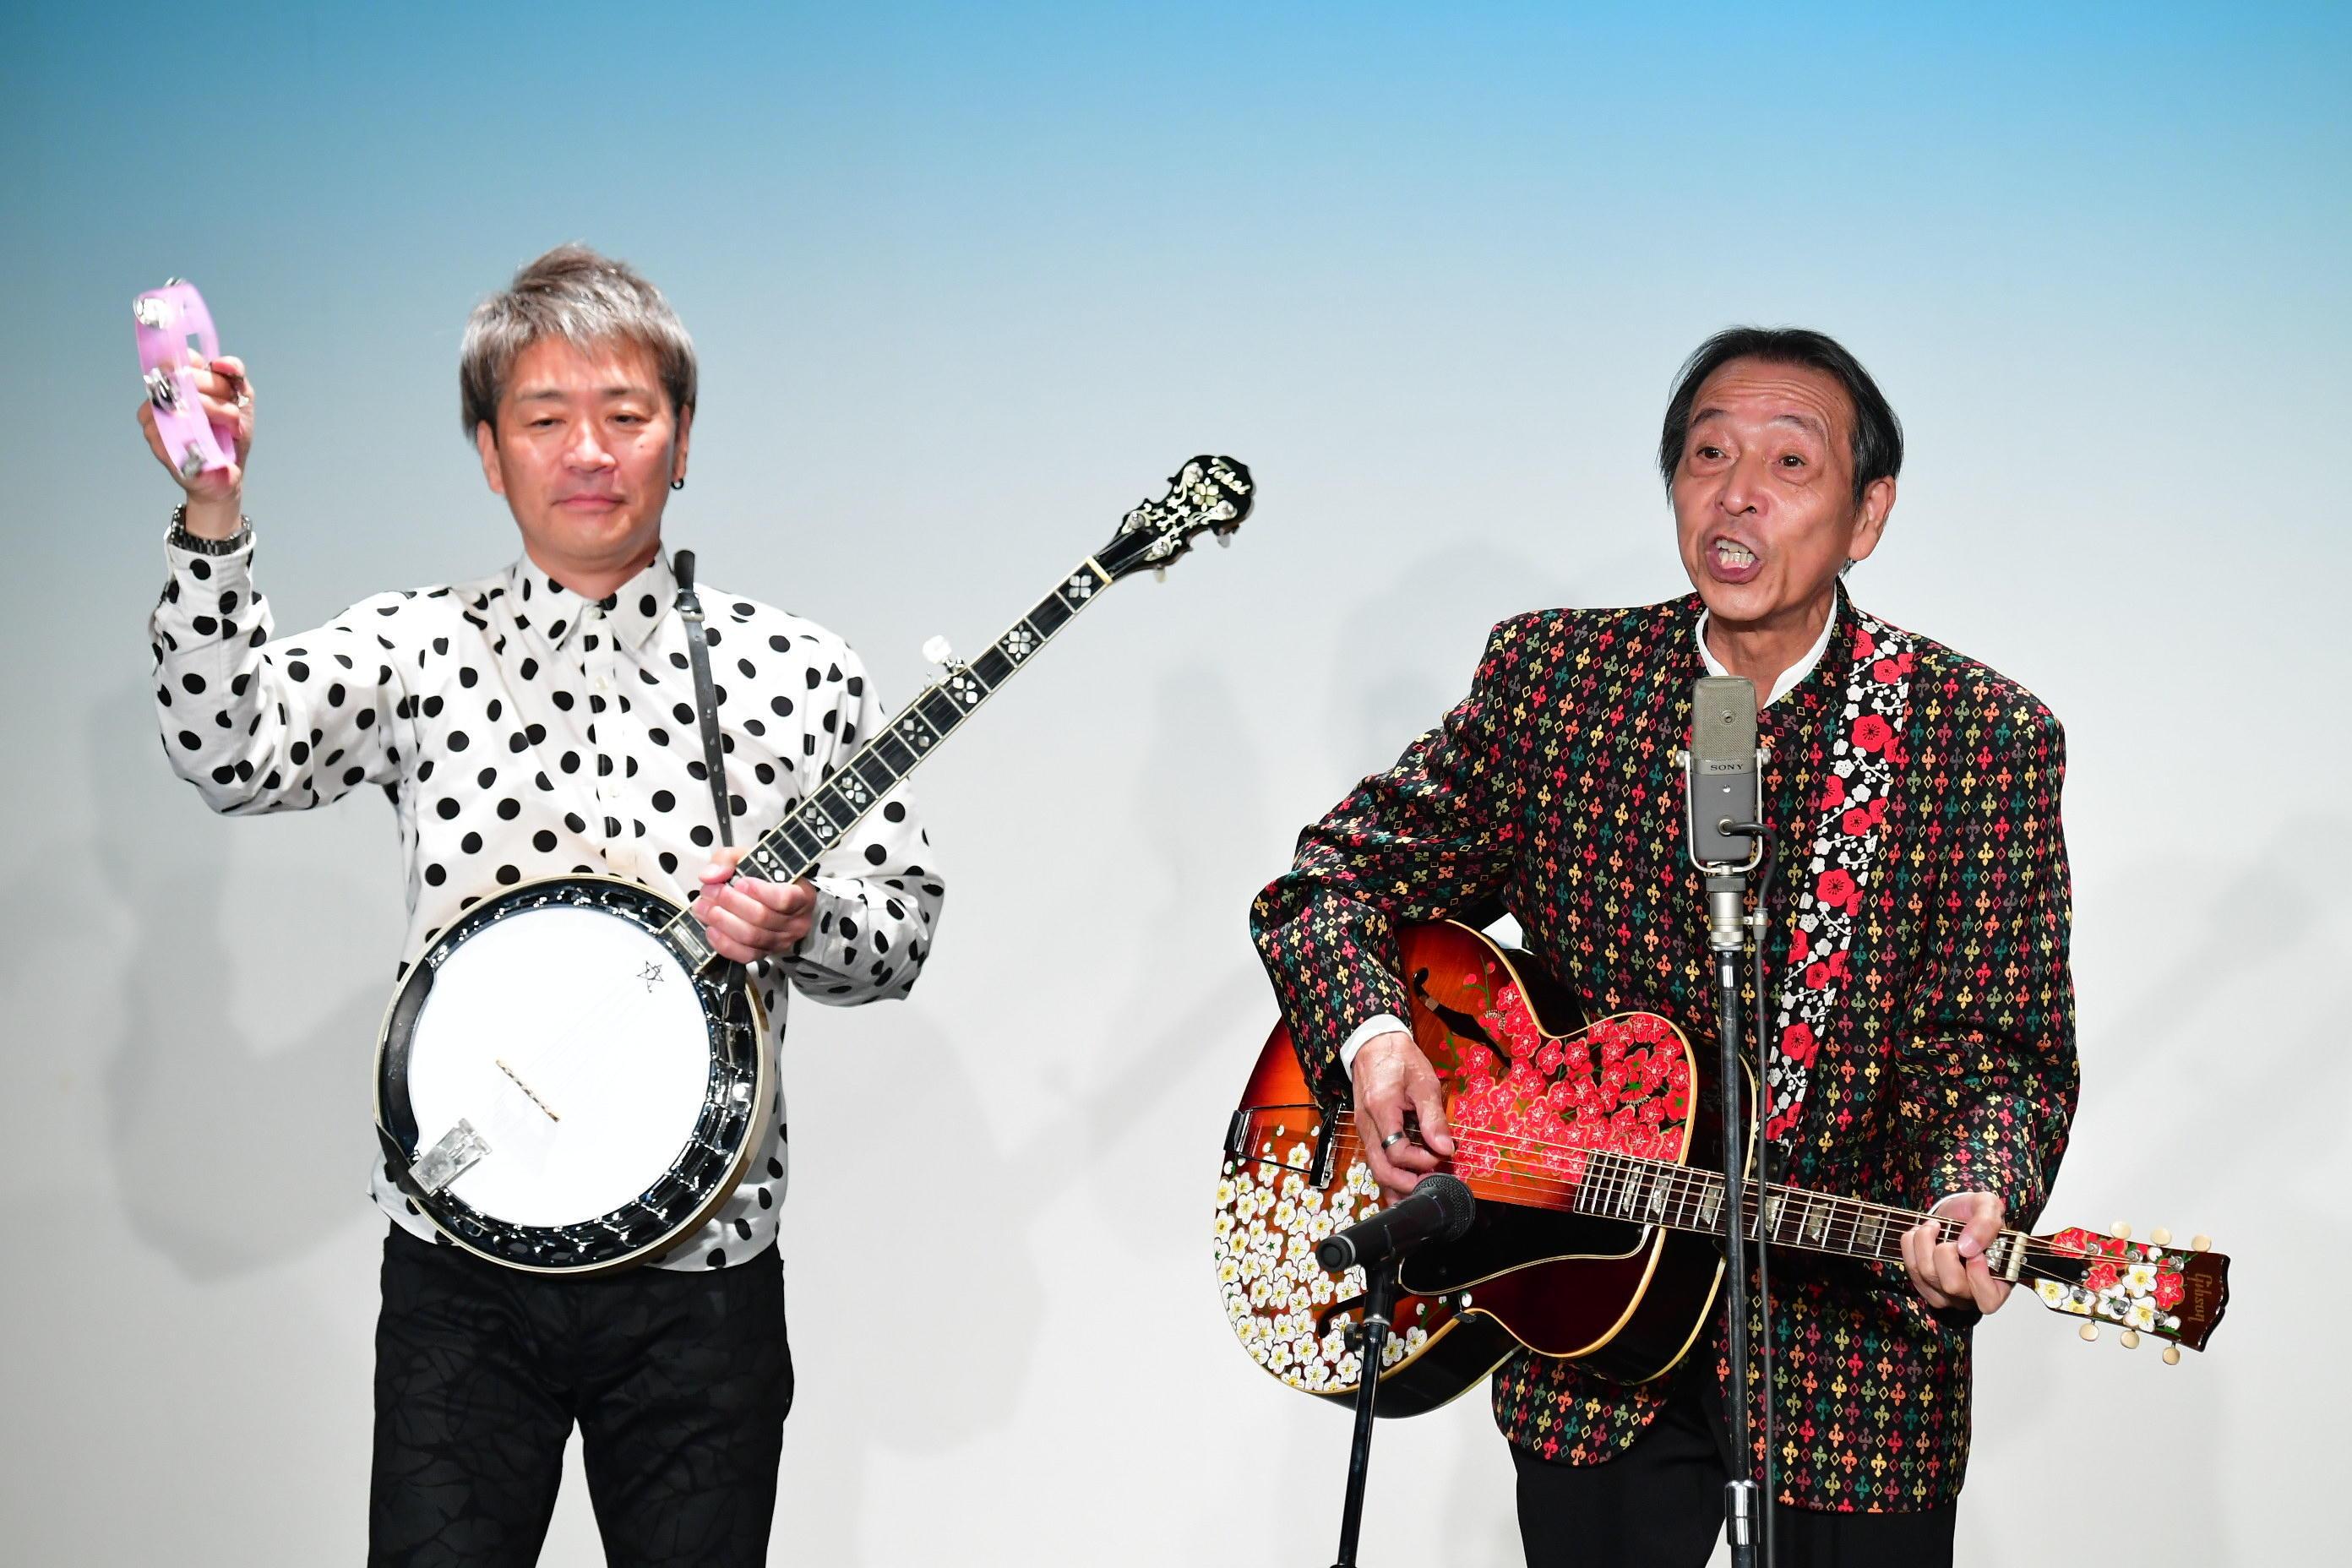 http://news.yoshimoto.co.jp/20181030230829-a729c79dec1e8ef32658f32e247205889f75a59d.jpg